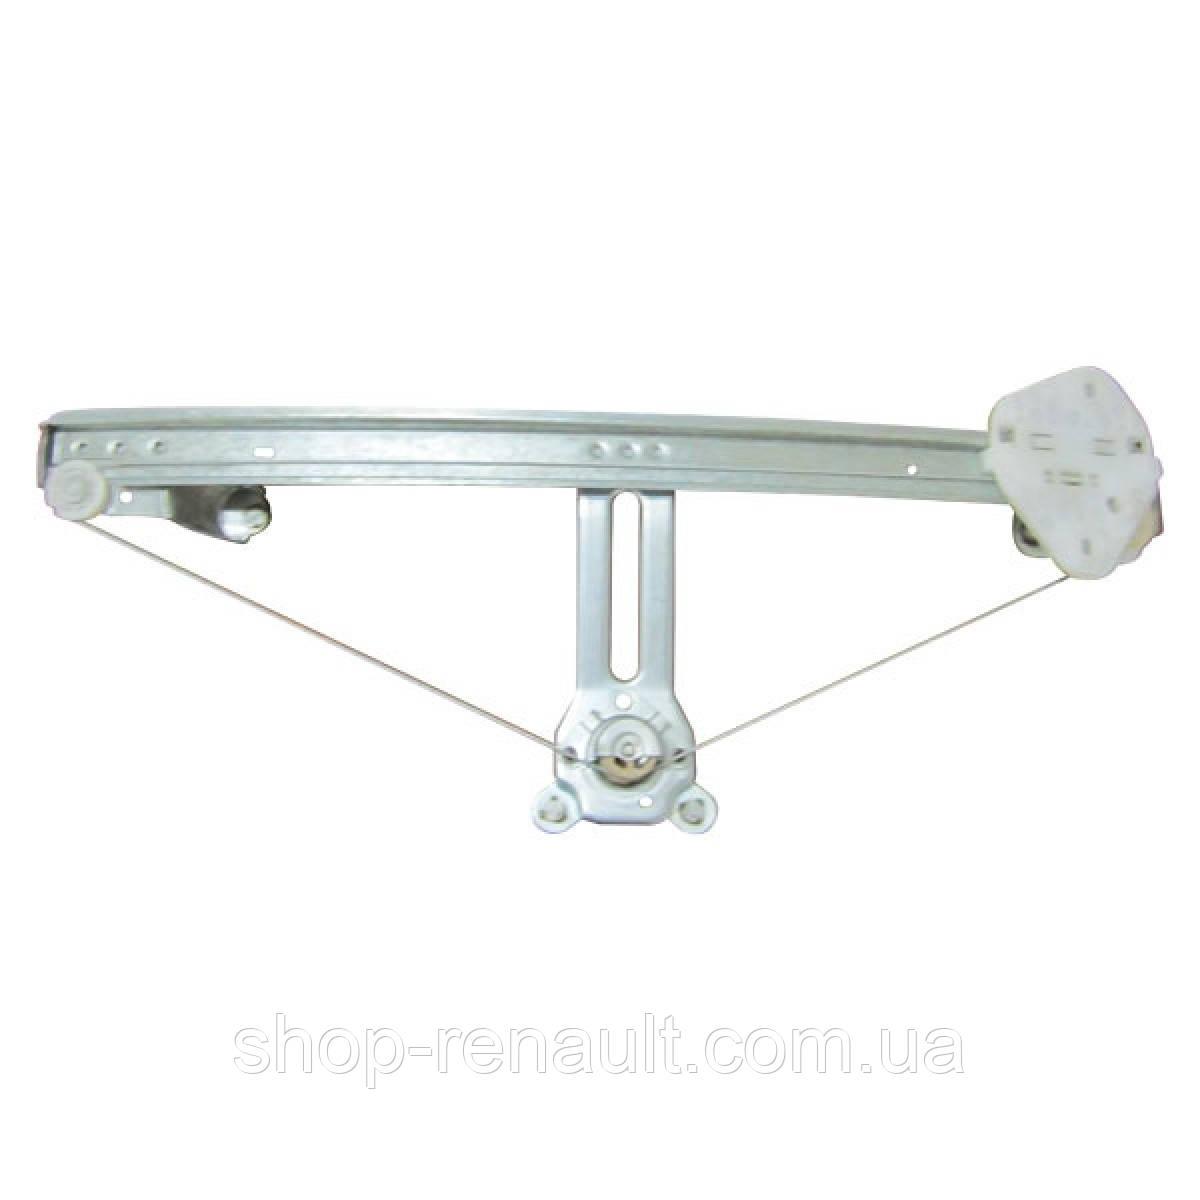 Стеклоподъемник механический передний правый Logan/MCV/Sandero ASAM 30822